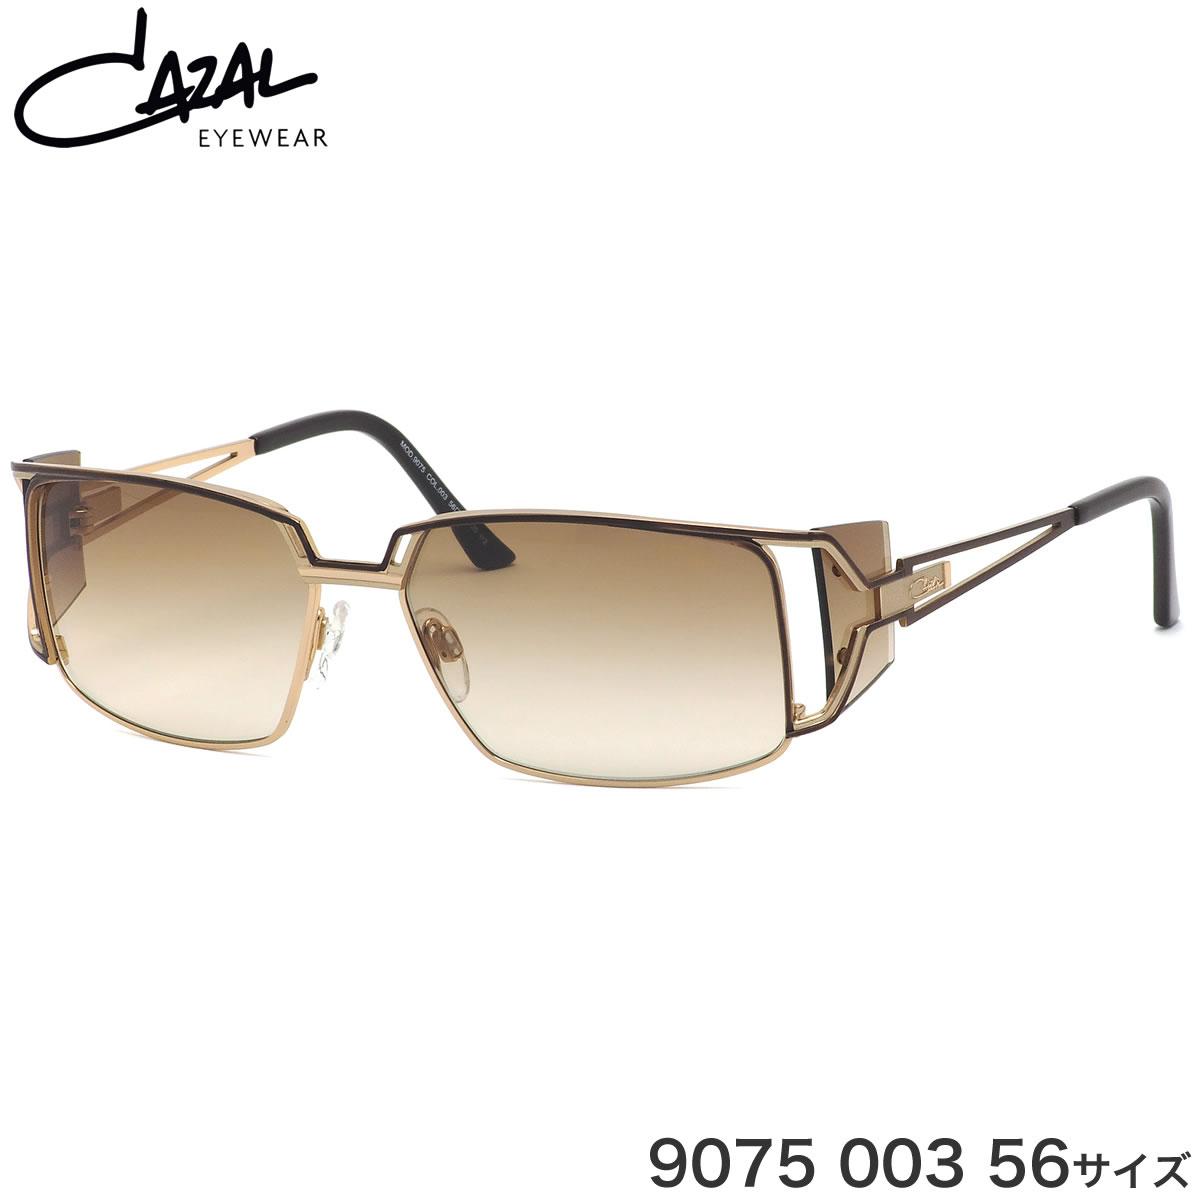 カザール CAZAL サングラス 9075 003 56サイズ レギュラーコレクション 4枚レンズ made in Germany ドイツ製 メンズ レディースモデル